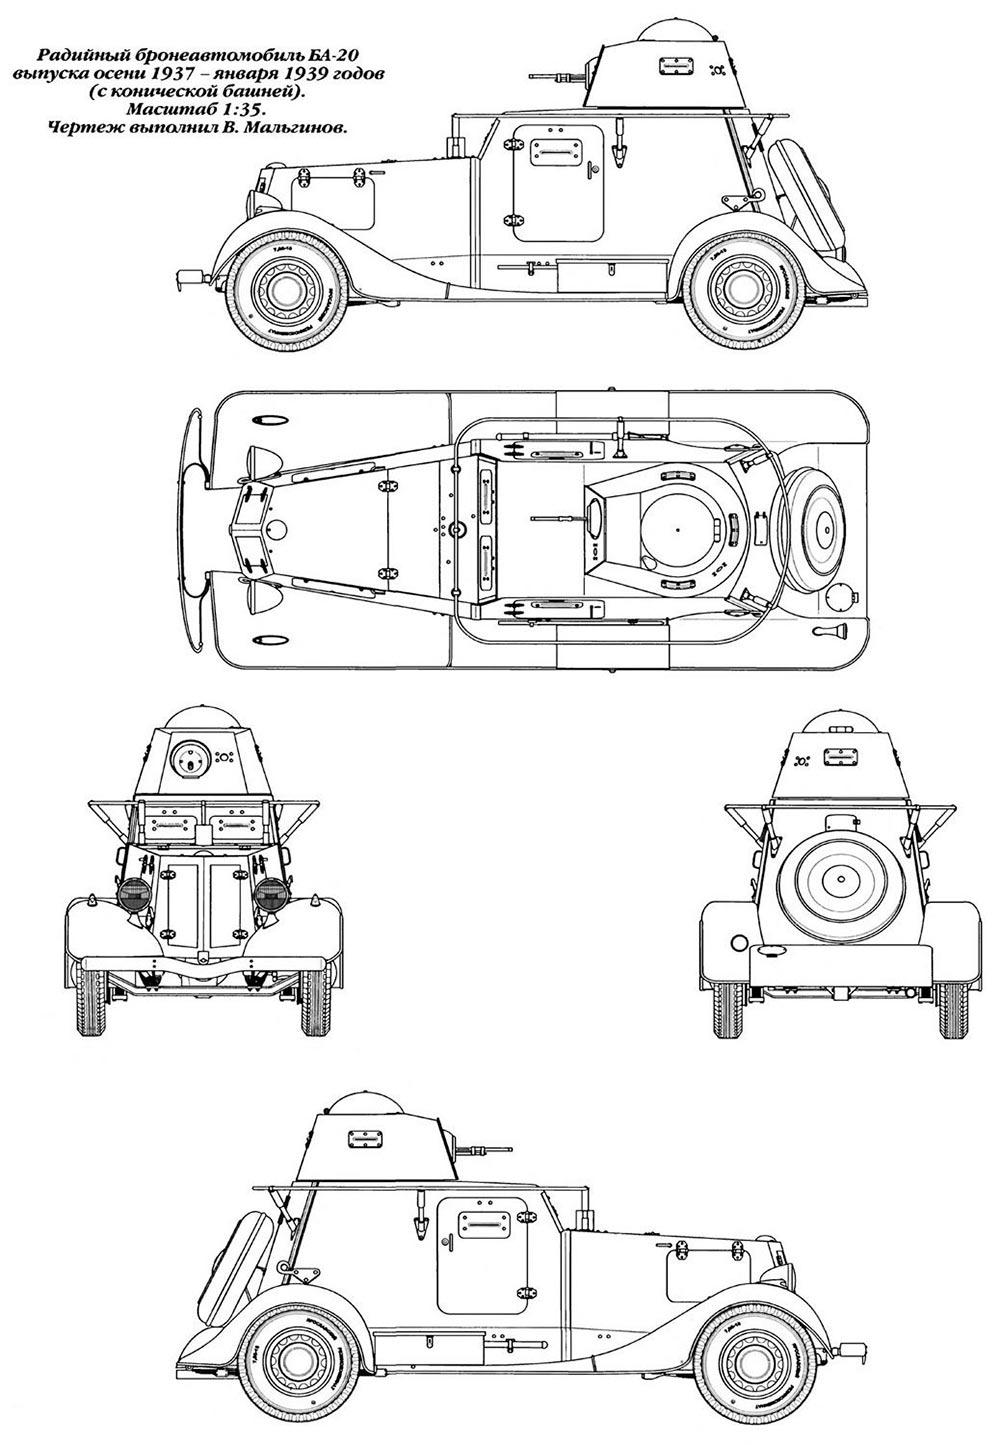 Чертеж бронеавтомобиля БА-20М